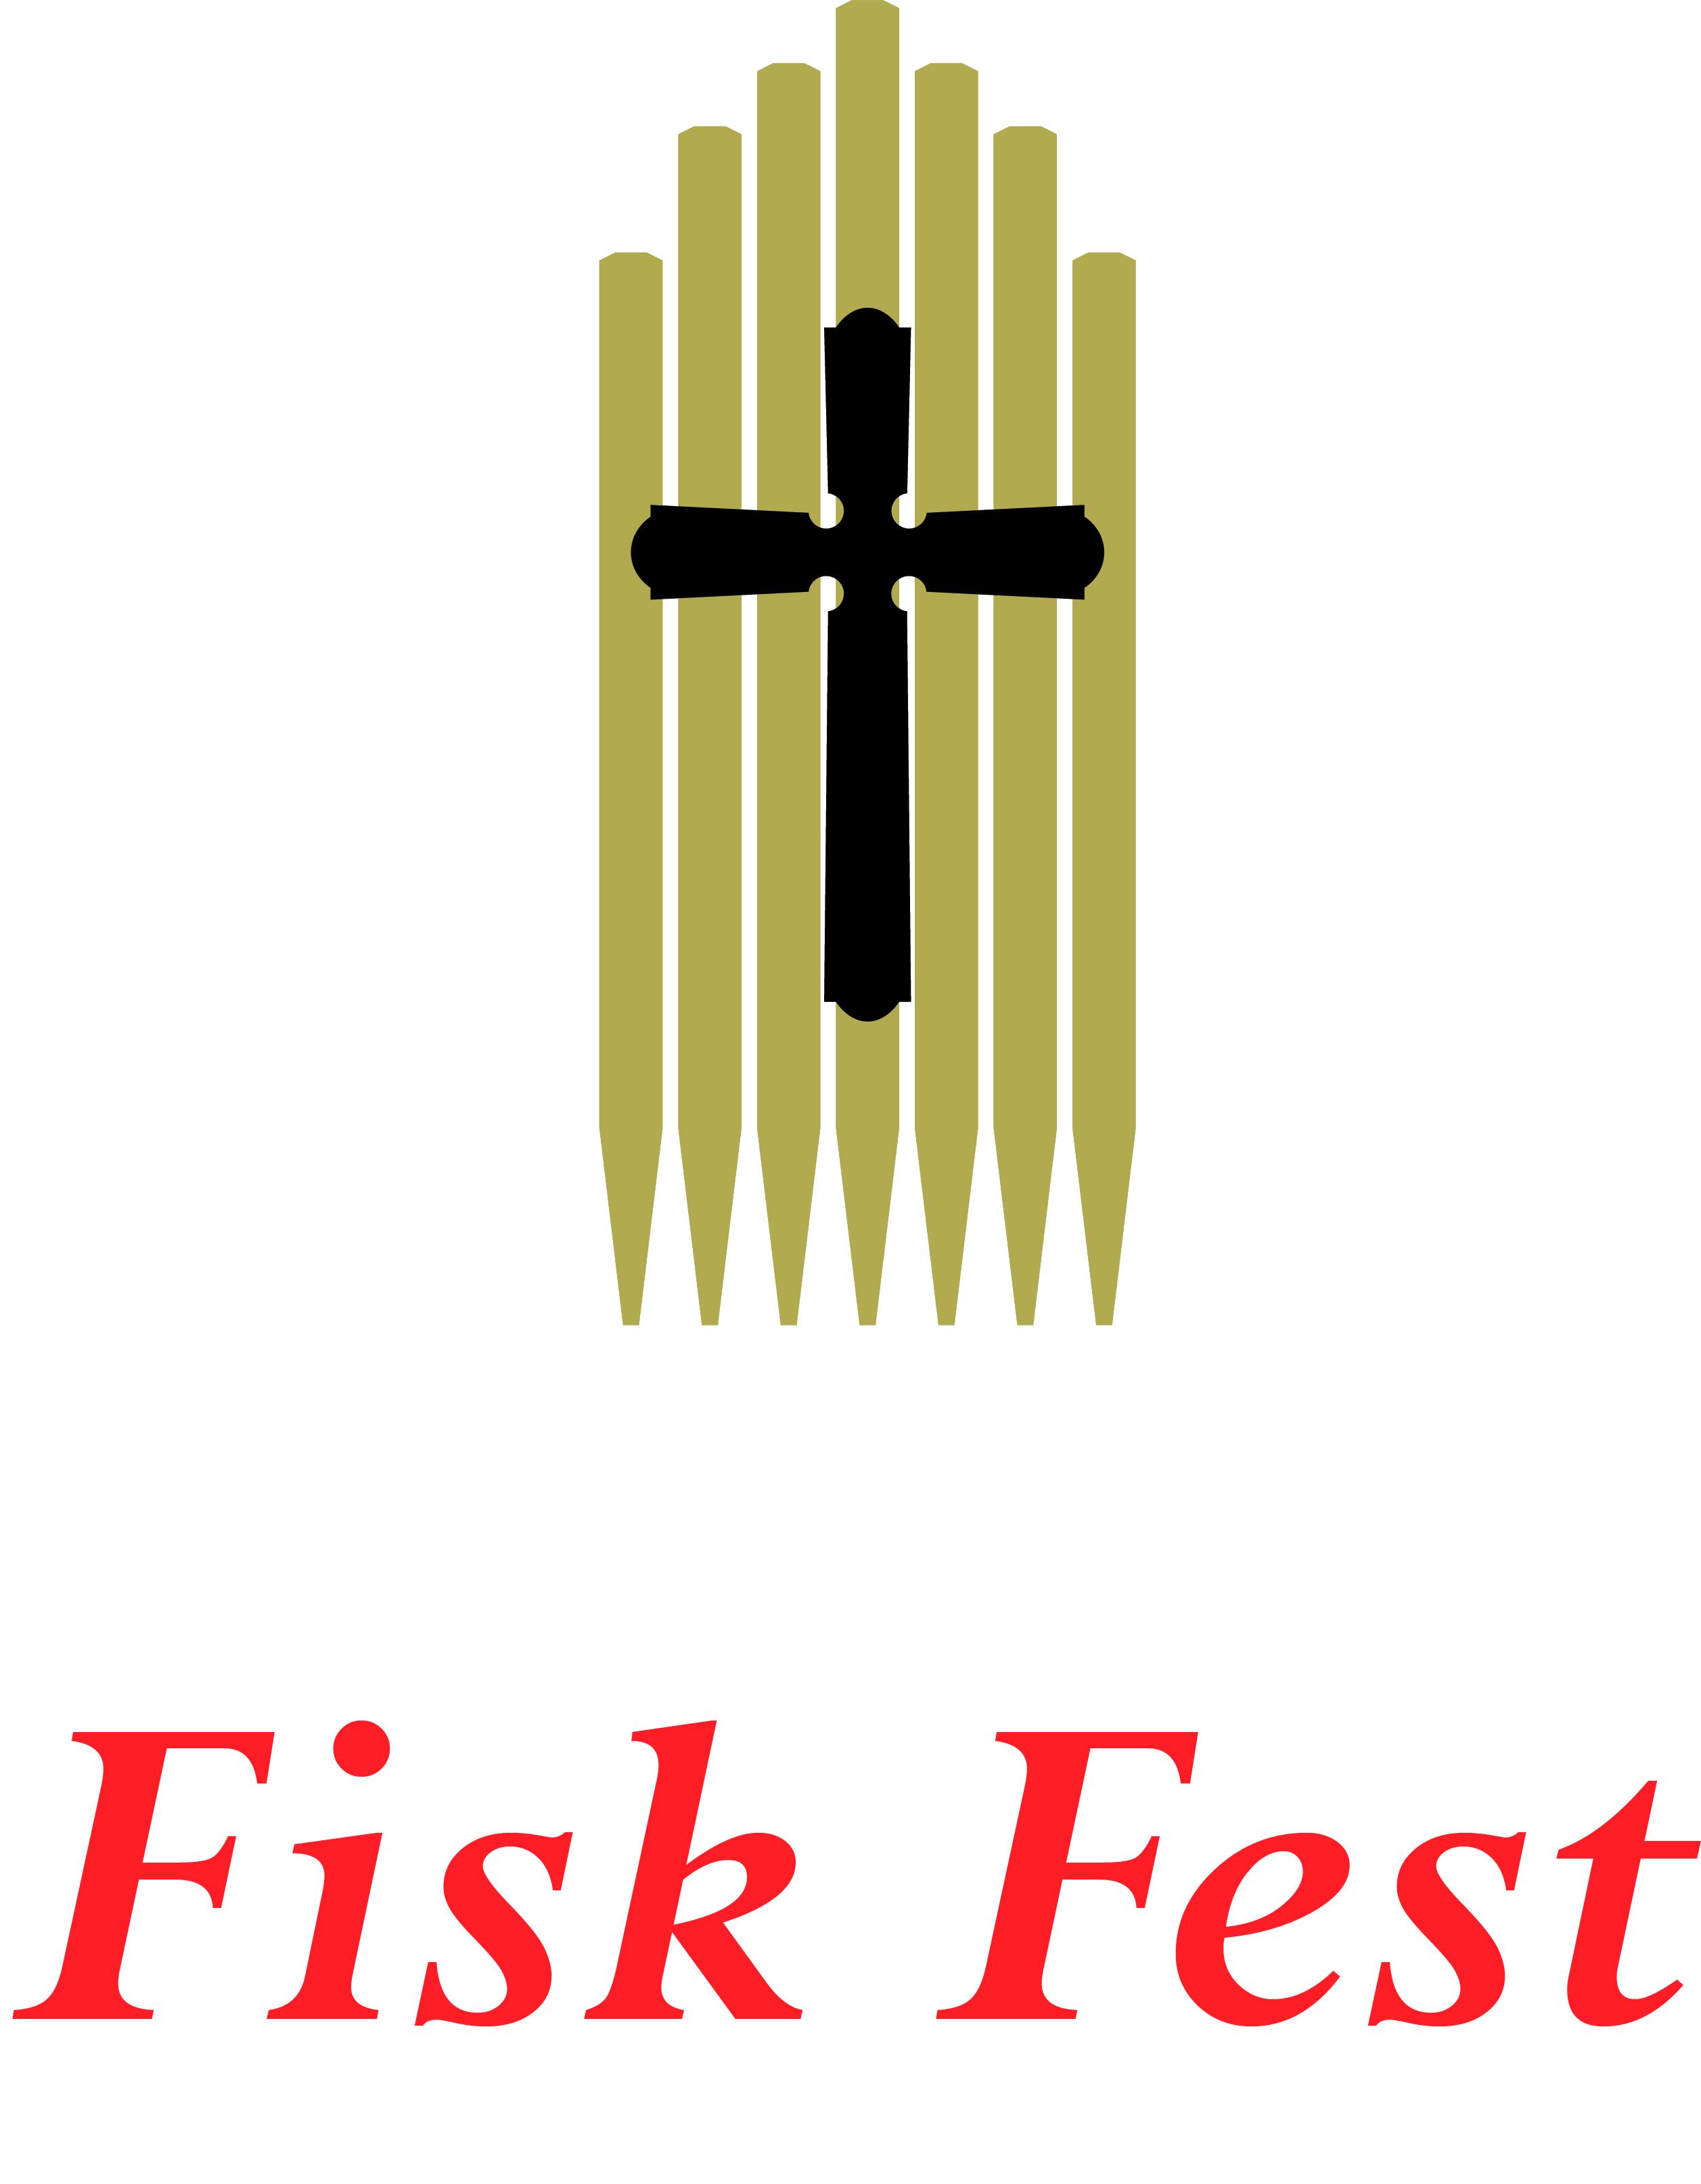 Fisk Fest Logofinaldraftv1 Large Jpeg First Presbyterian Church